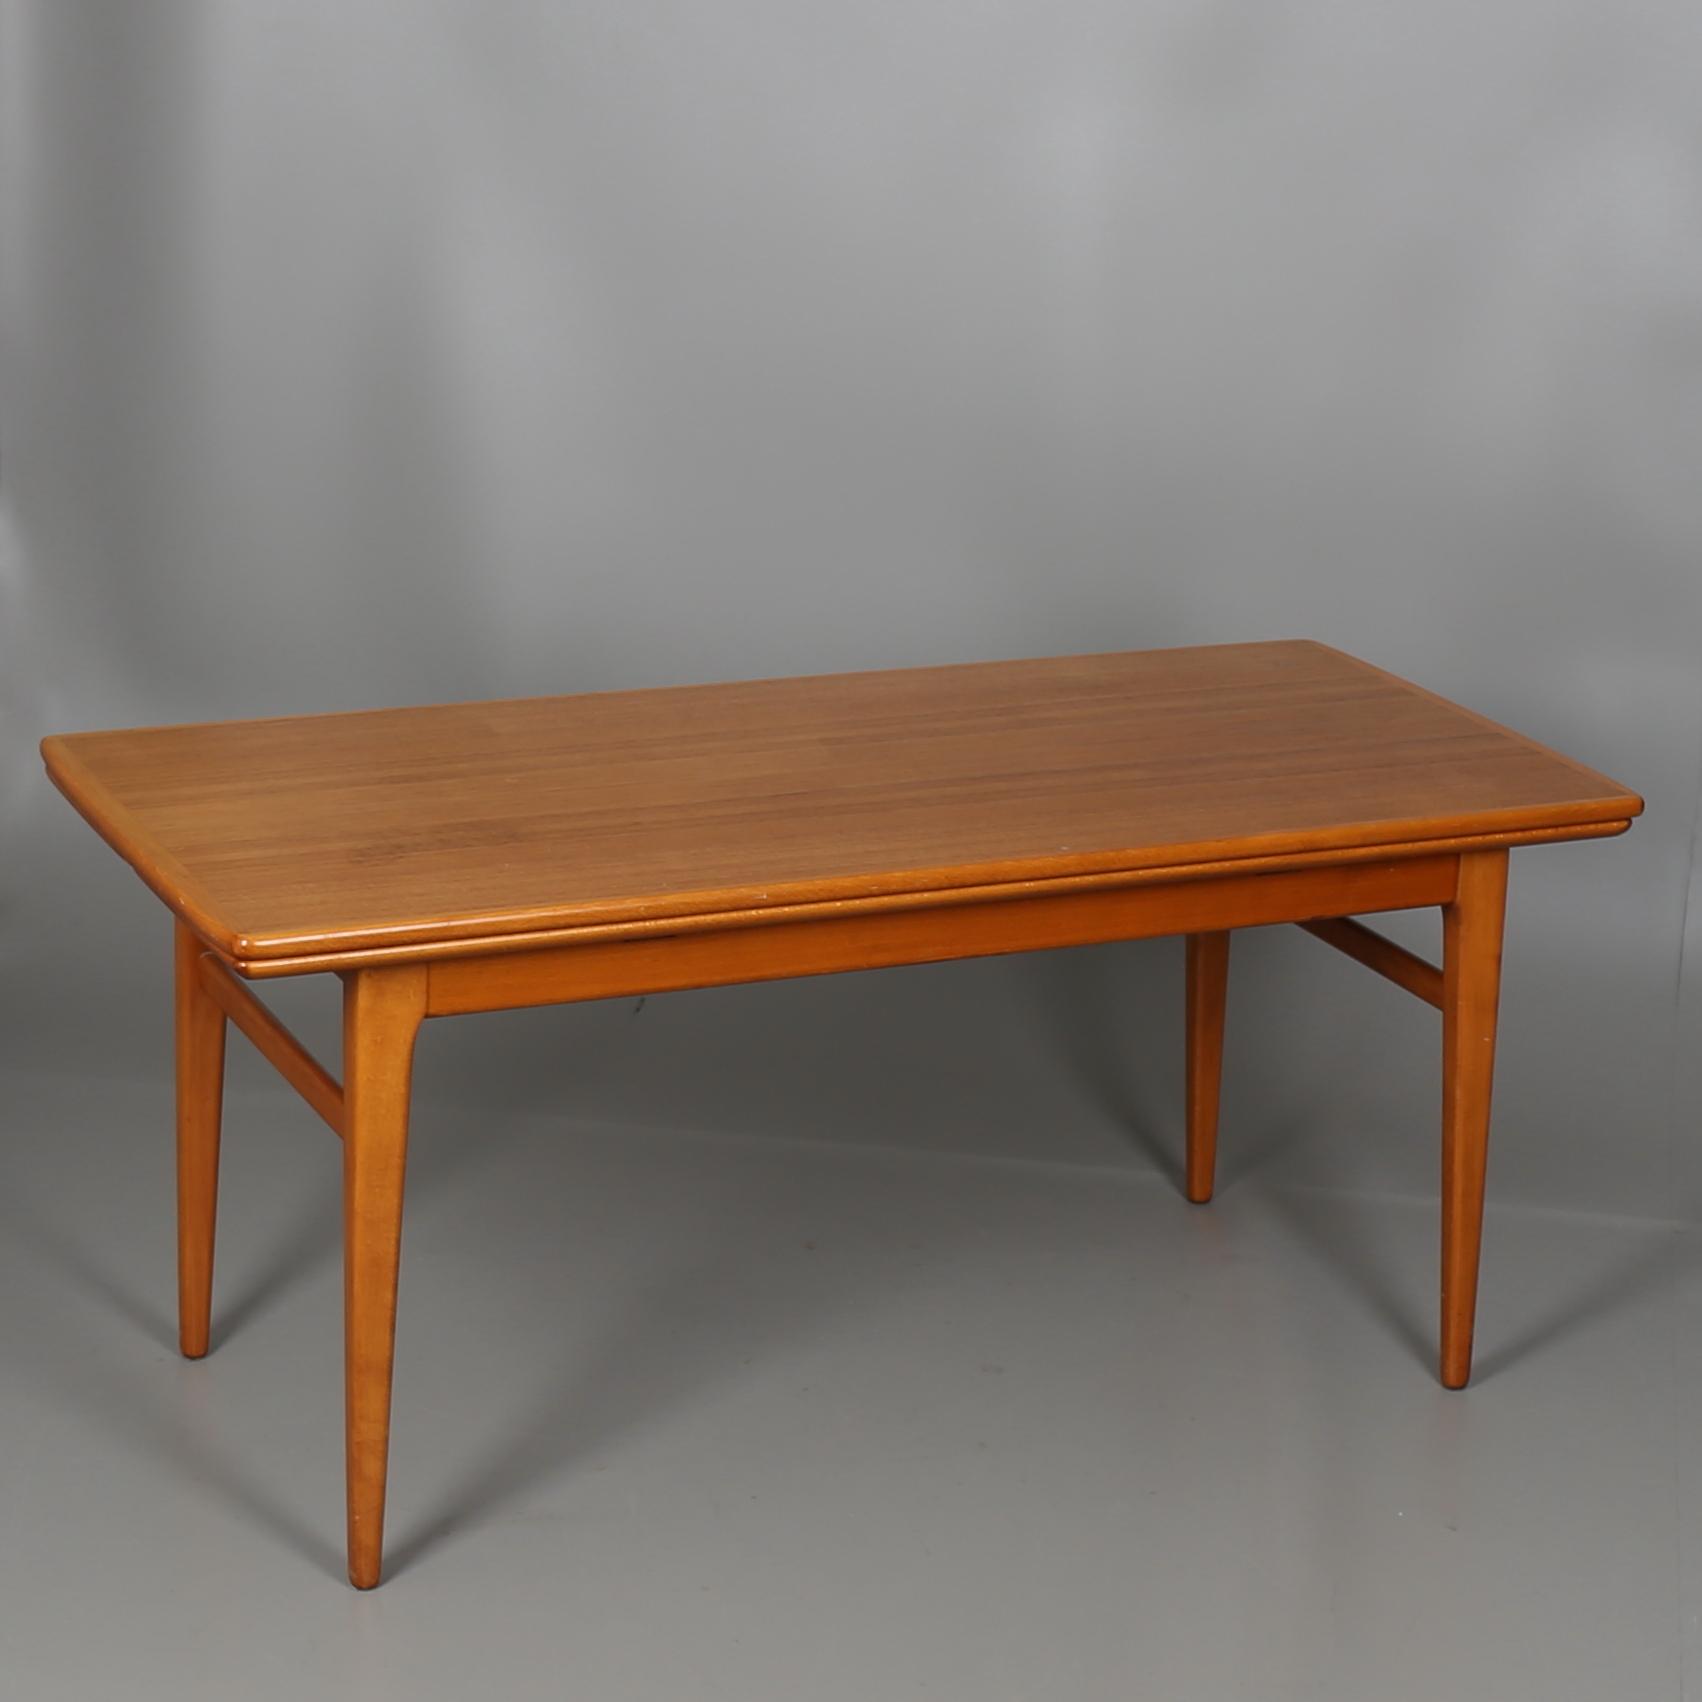 Soffbord I Teak Hoj Och Sankbart 1900 Talets Mitt Mobler Bord Auctionet